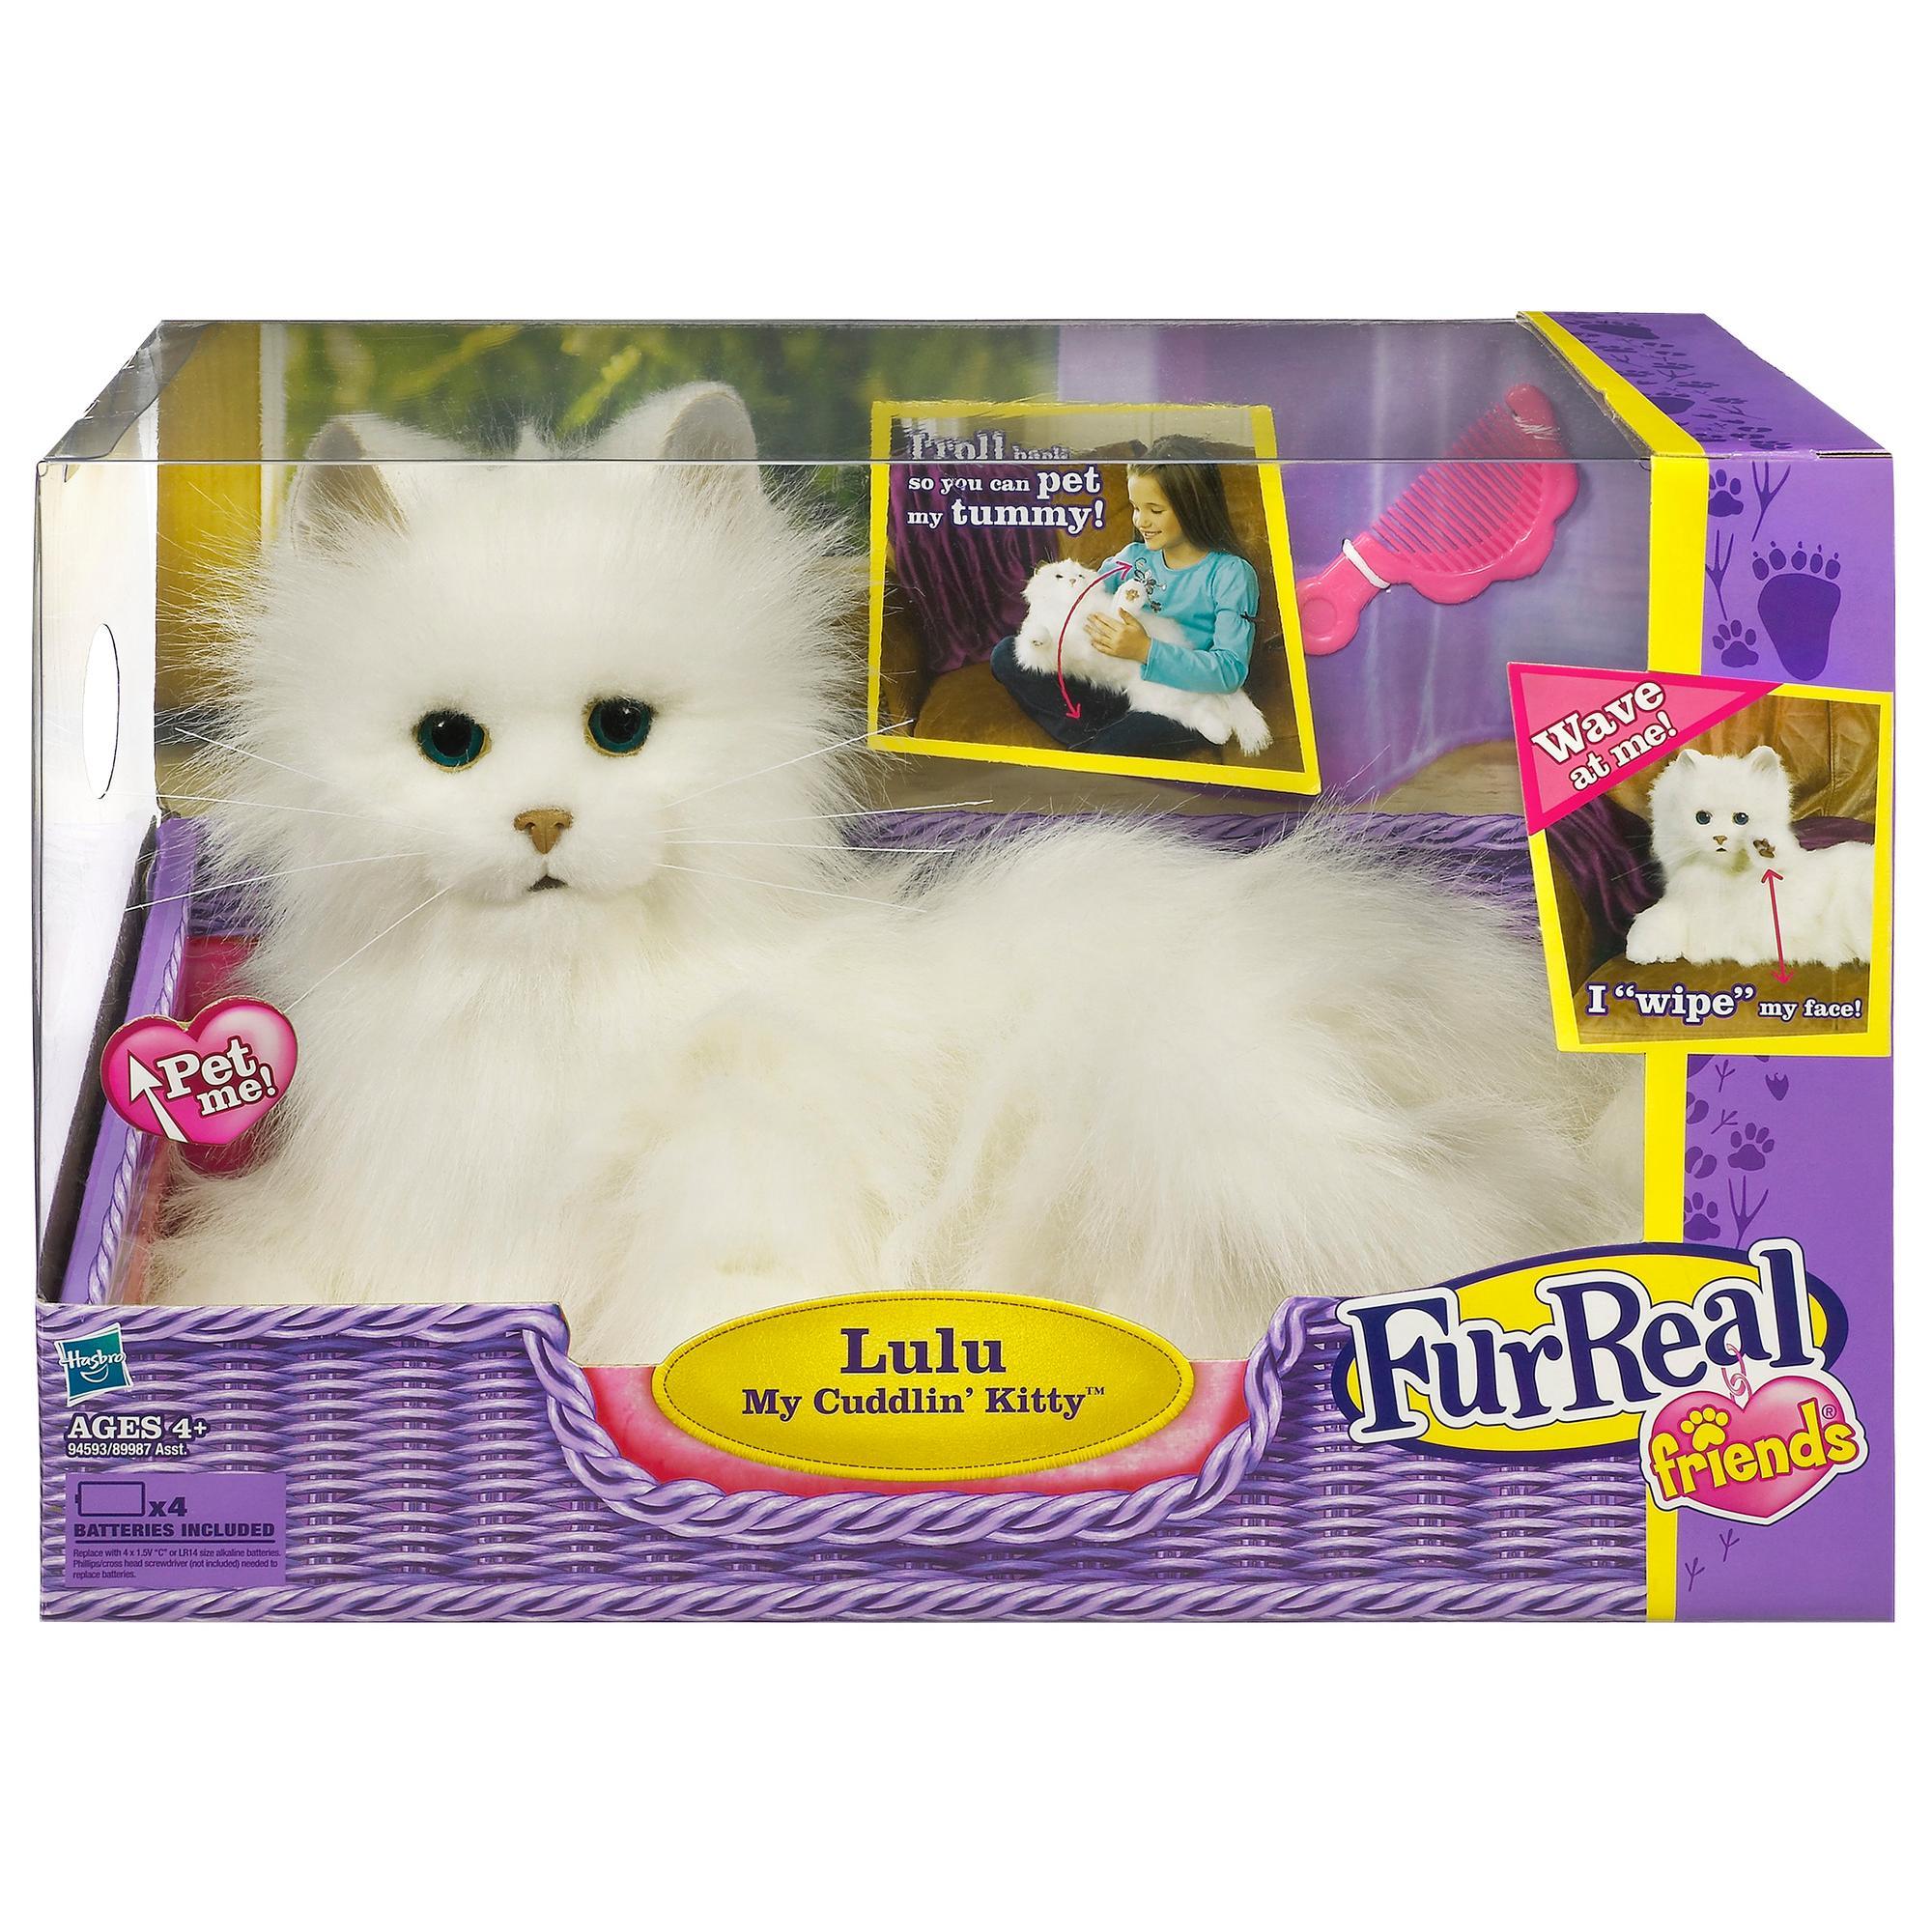 FURREAL FRIENDS Lulu My Cuddlin' Kitty